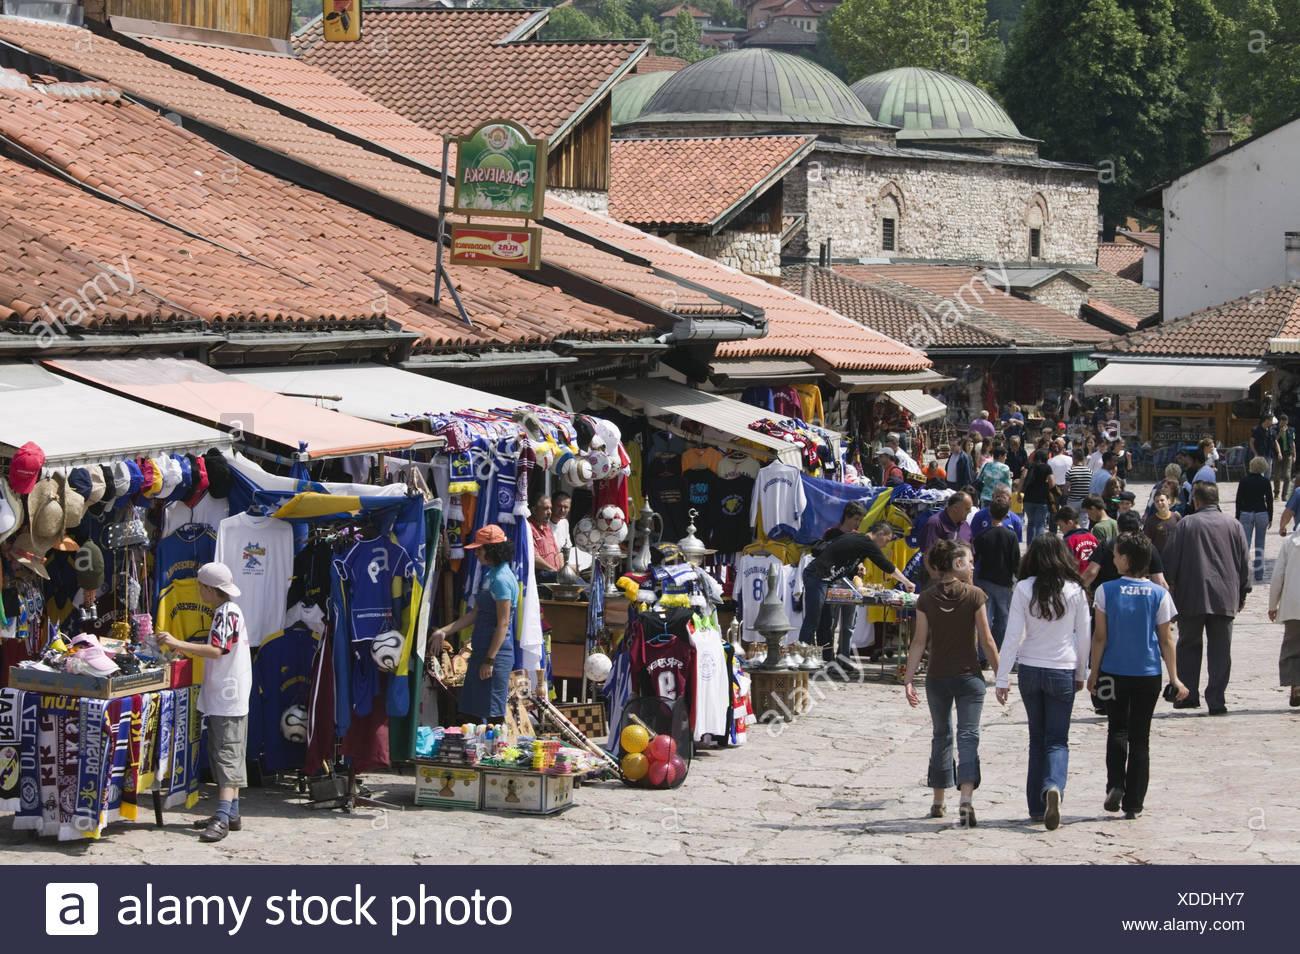 Bosnien-Herzegowina, Sarajevo, Altstadt, Bascarsija, Gasse, Fußgänger, no model release, Stock Photo